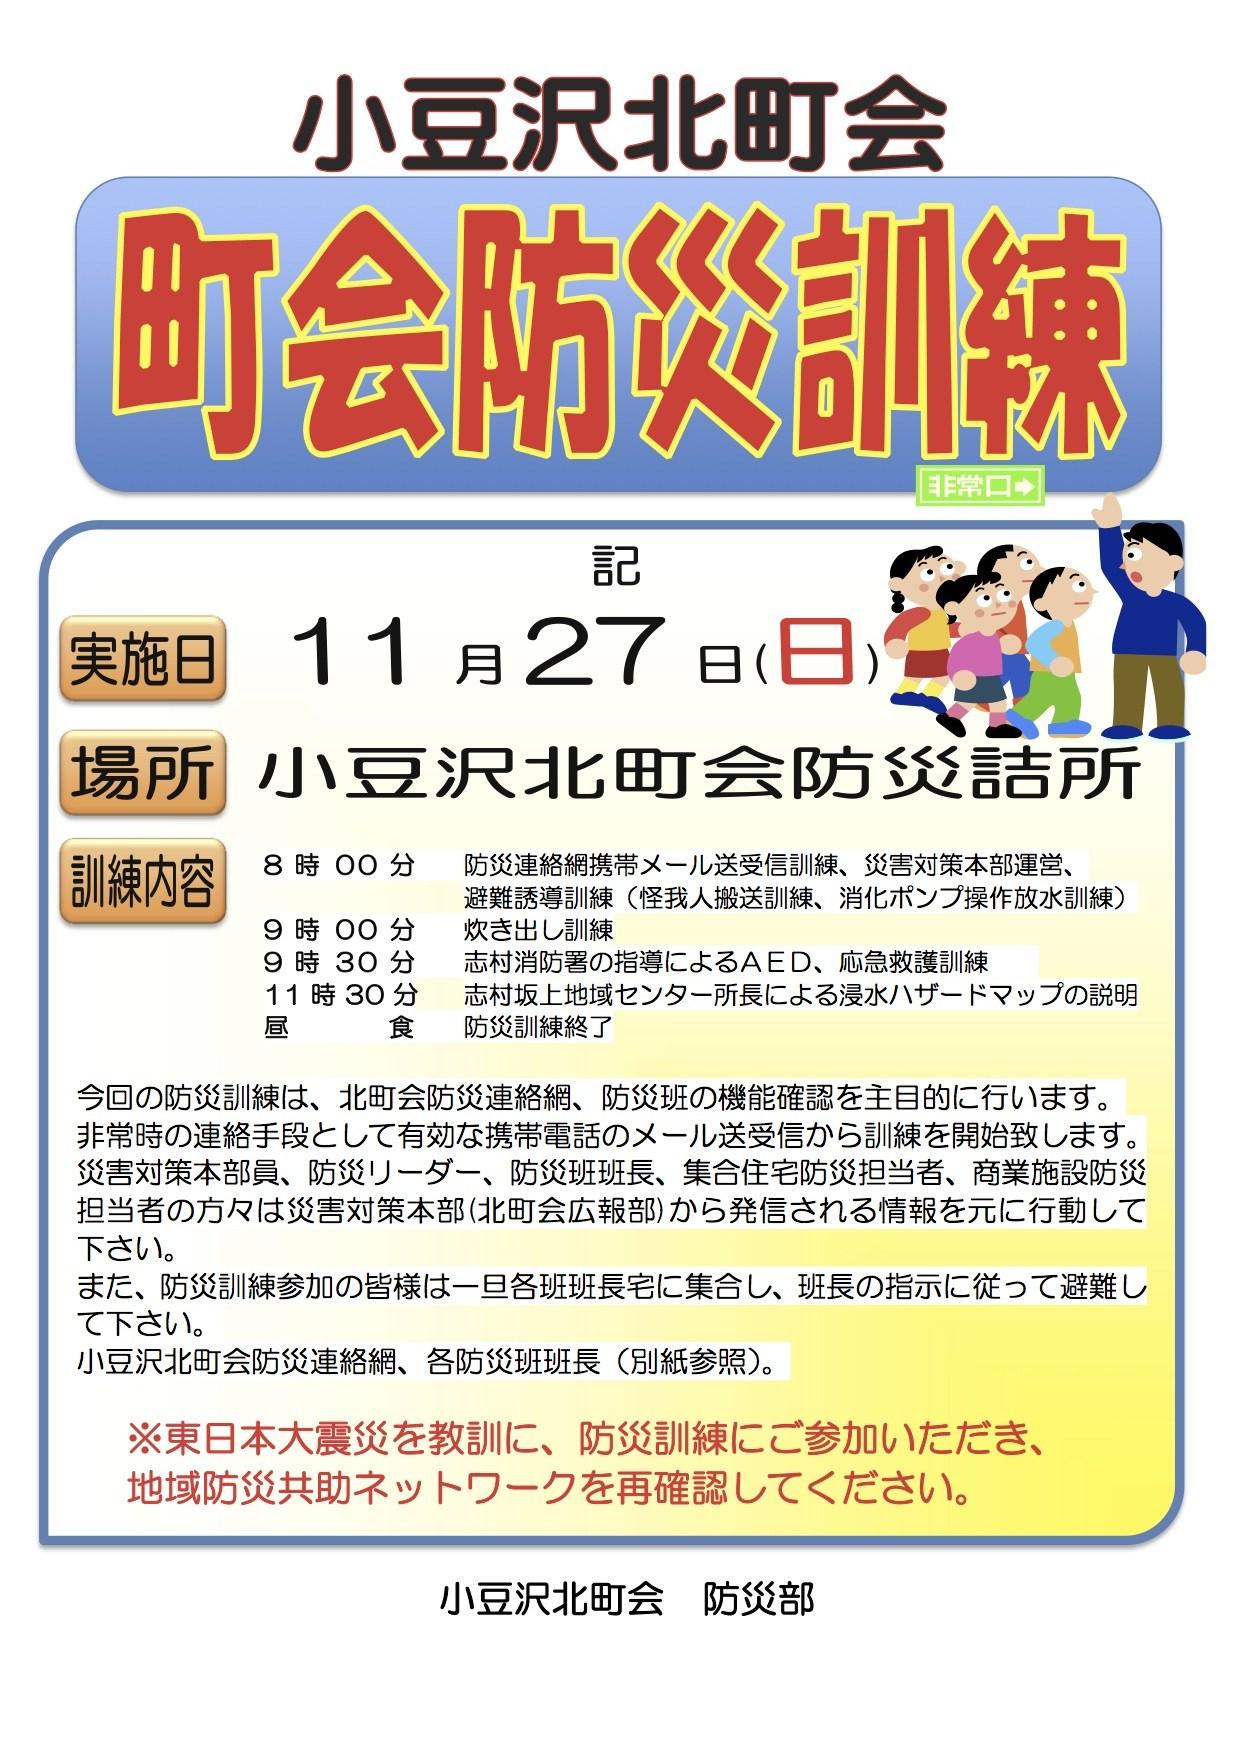 2011-11-27町会防災訓練